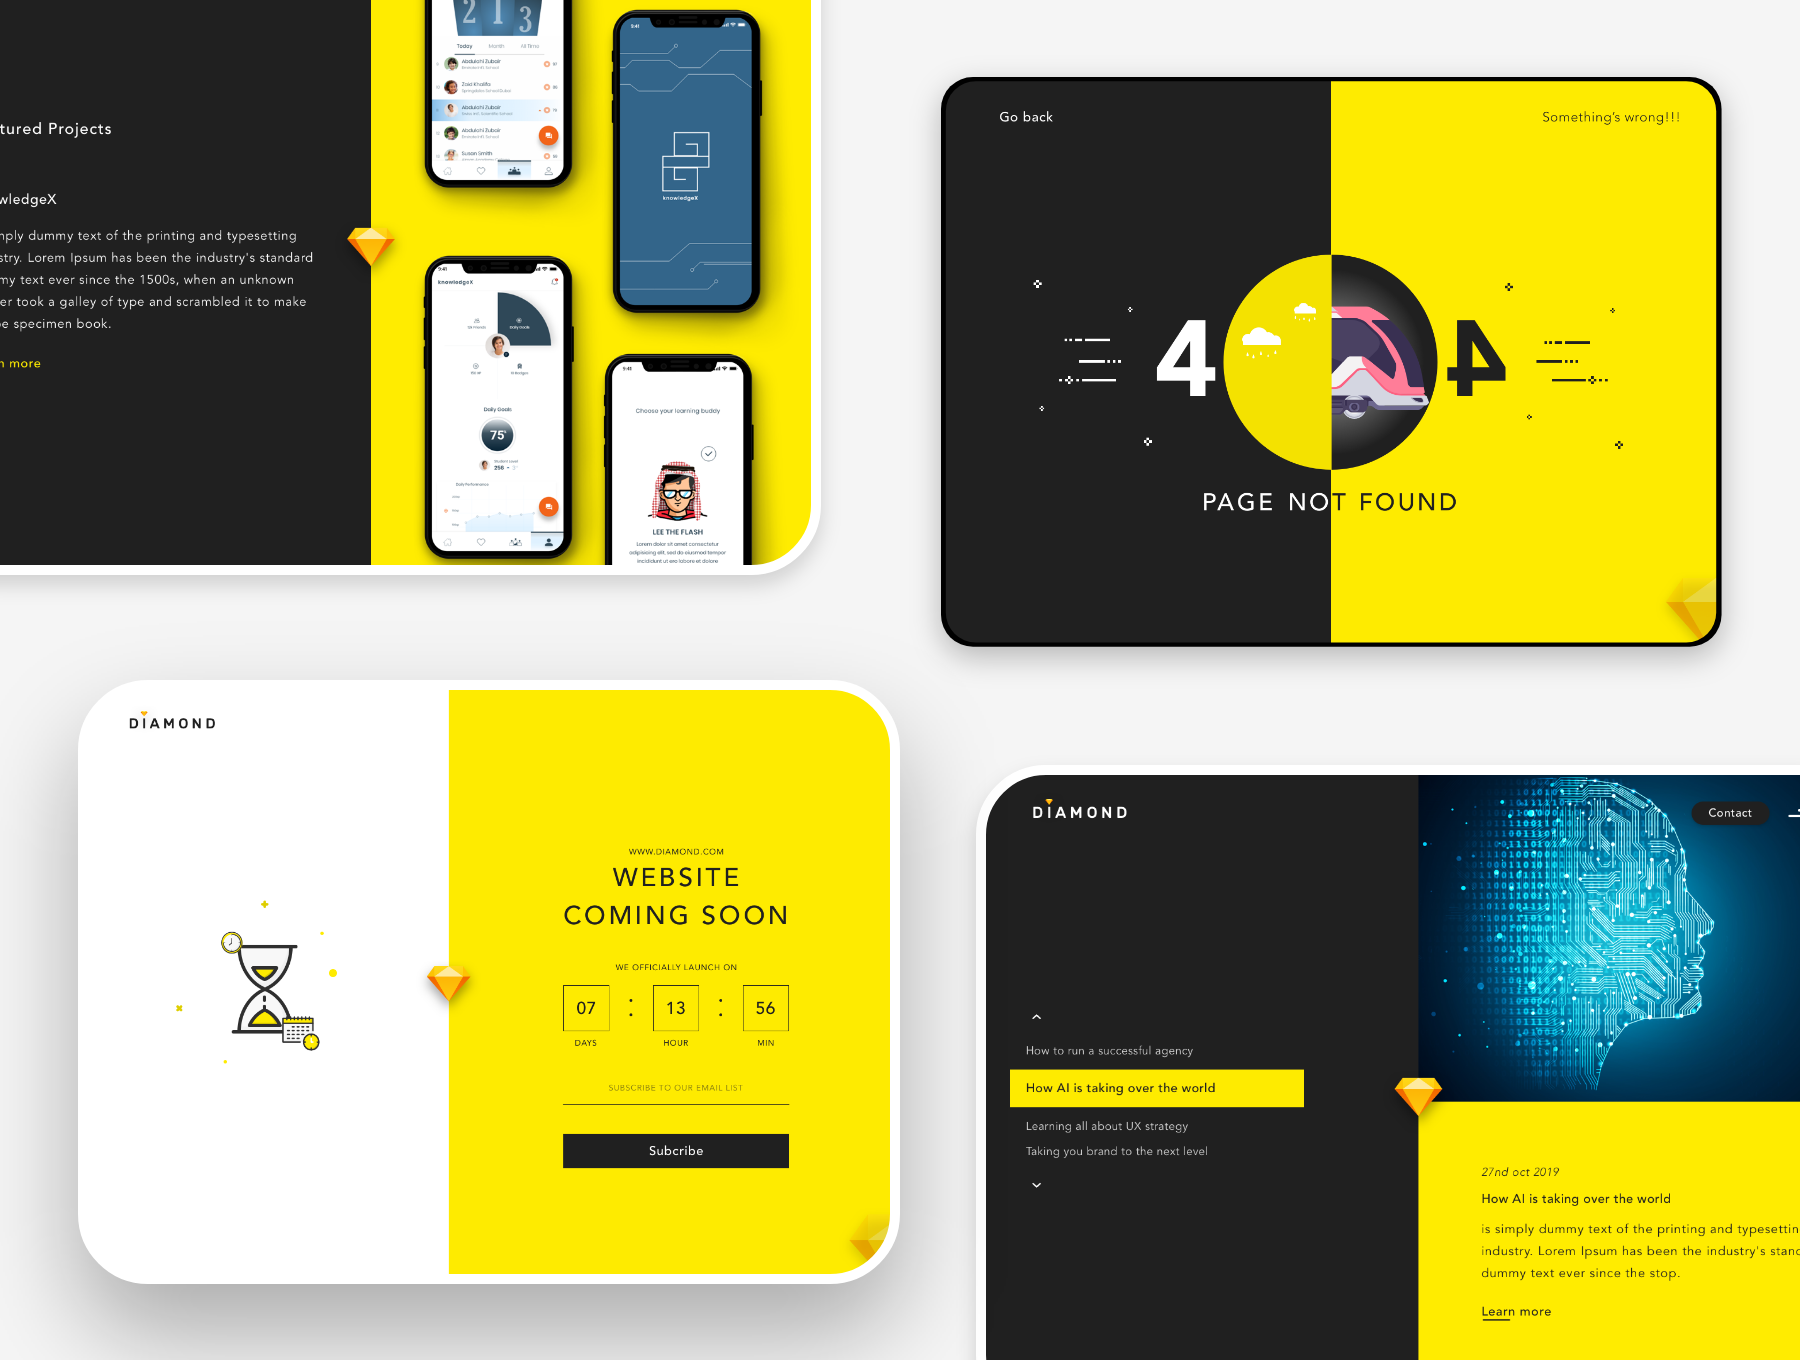 创意简洁公司网站WEB UI界面设计模板套件 Diamond UI Web Template插图(3)